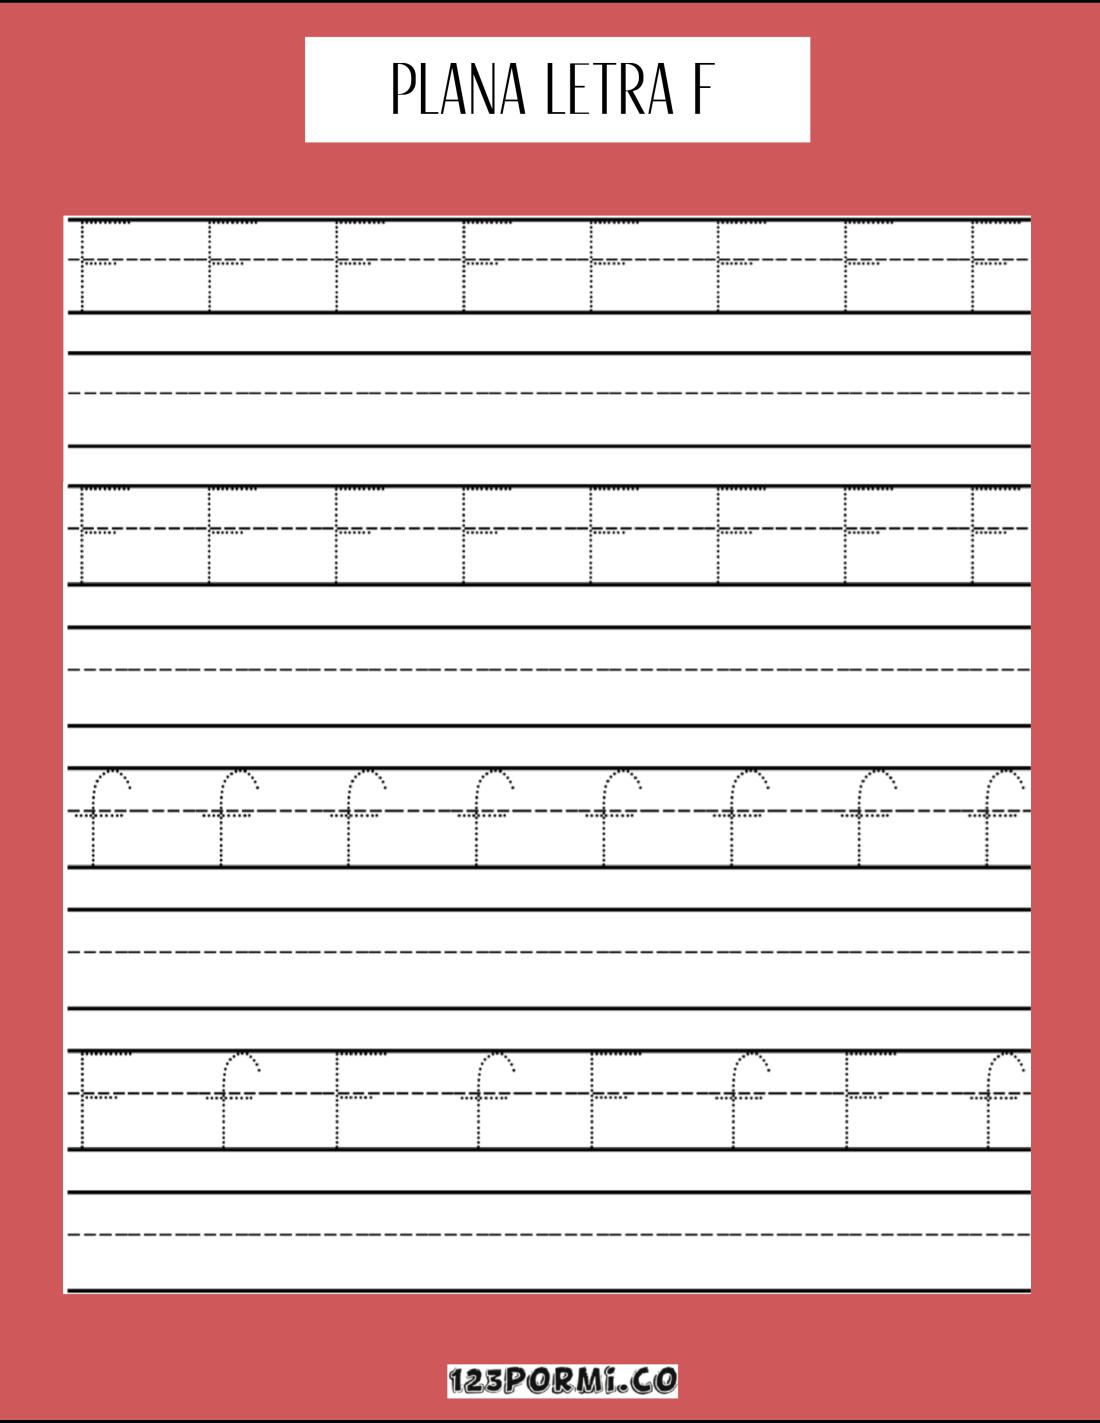 Plana letra F_Mesa de trabajo 1